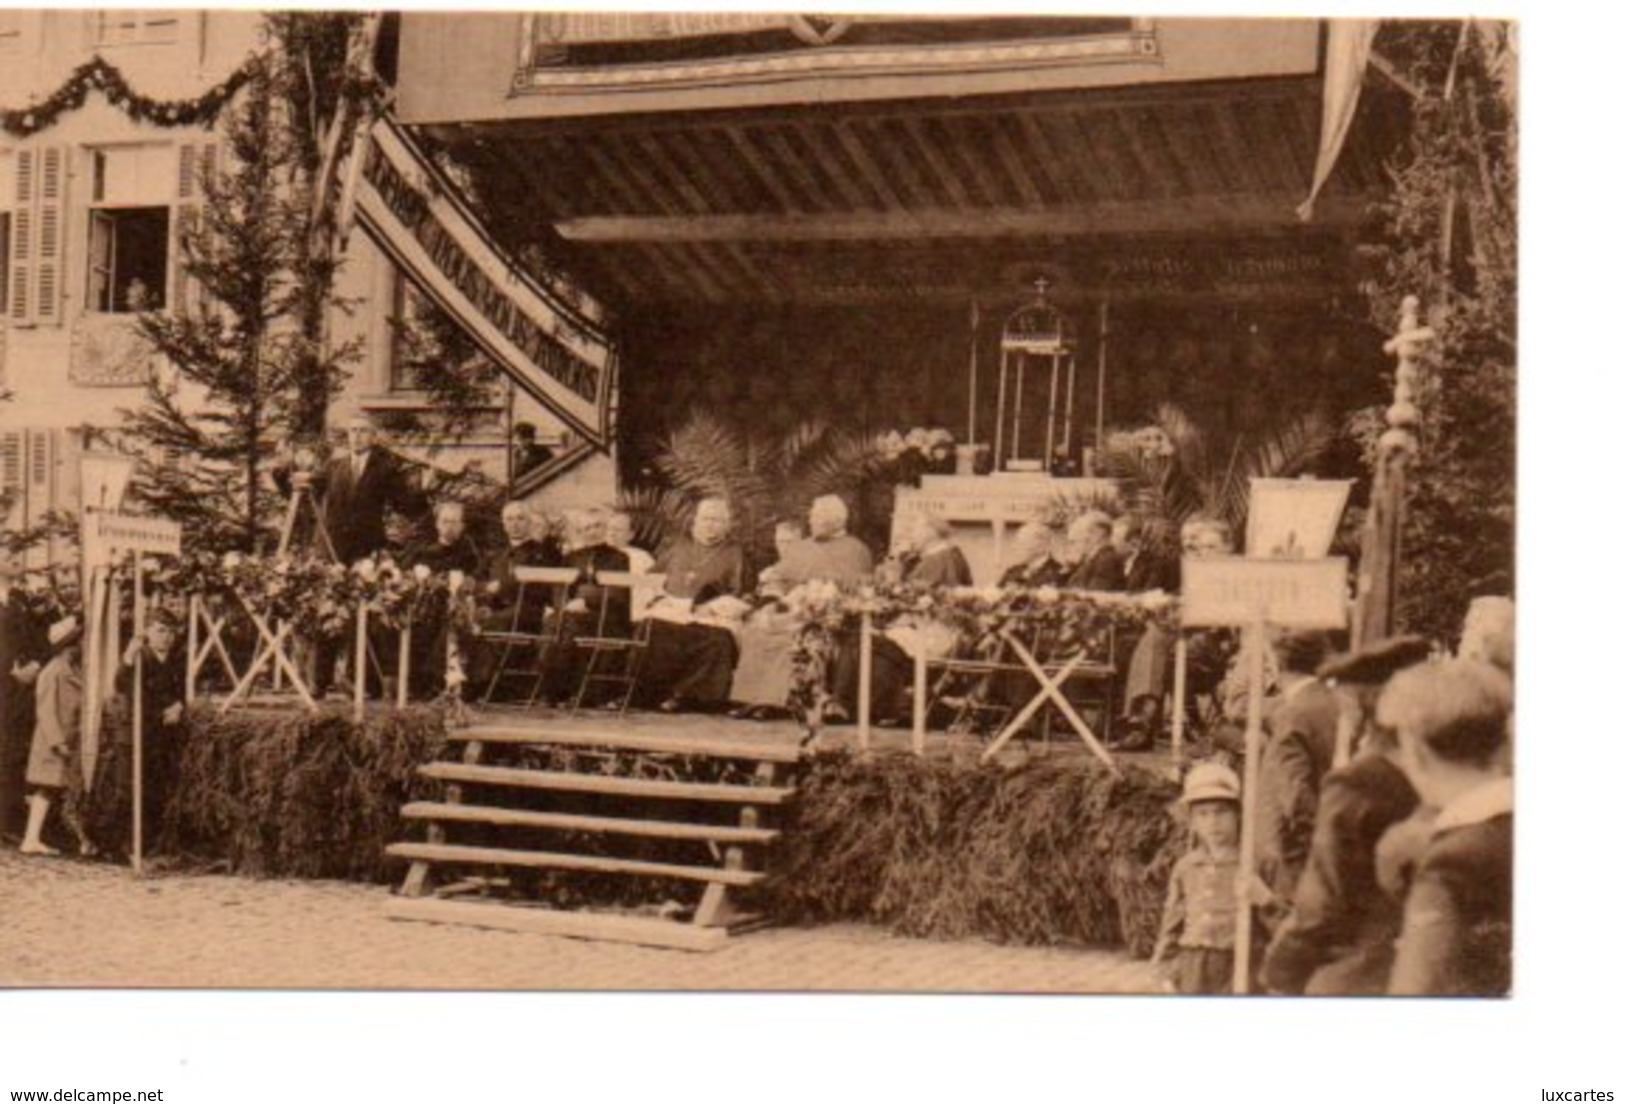 PHILIPPEVILLE. LE CONGRES MARIAL DU 7 JUILLET 1935. LES AUTORITES SUR LA TRIBUNE PENDANT LE DISCOURS DE MONSIEUR HOYOIS. - Philippeville